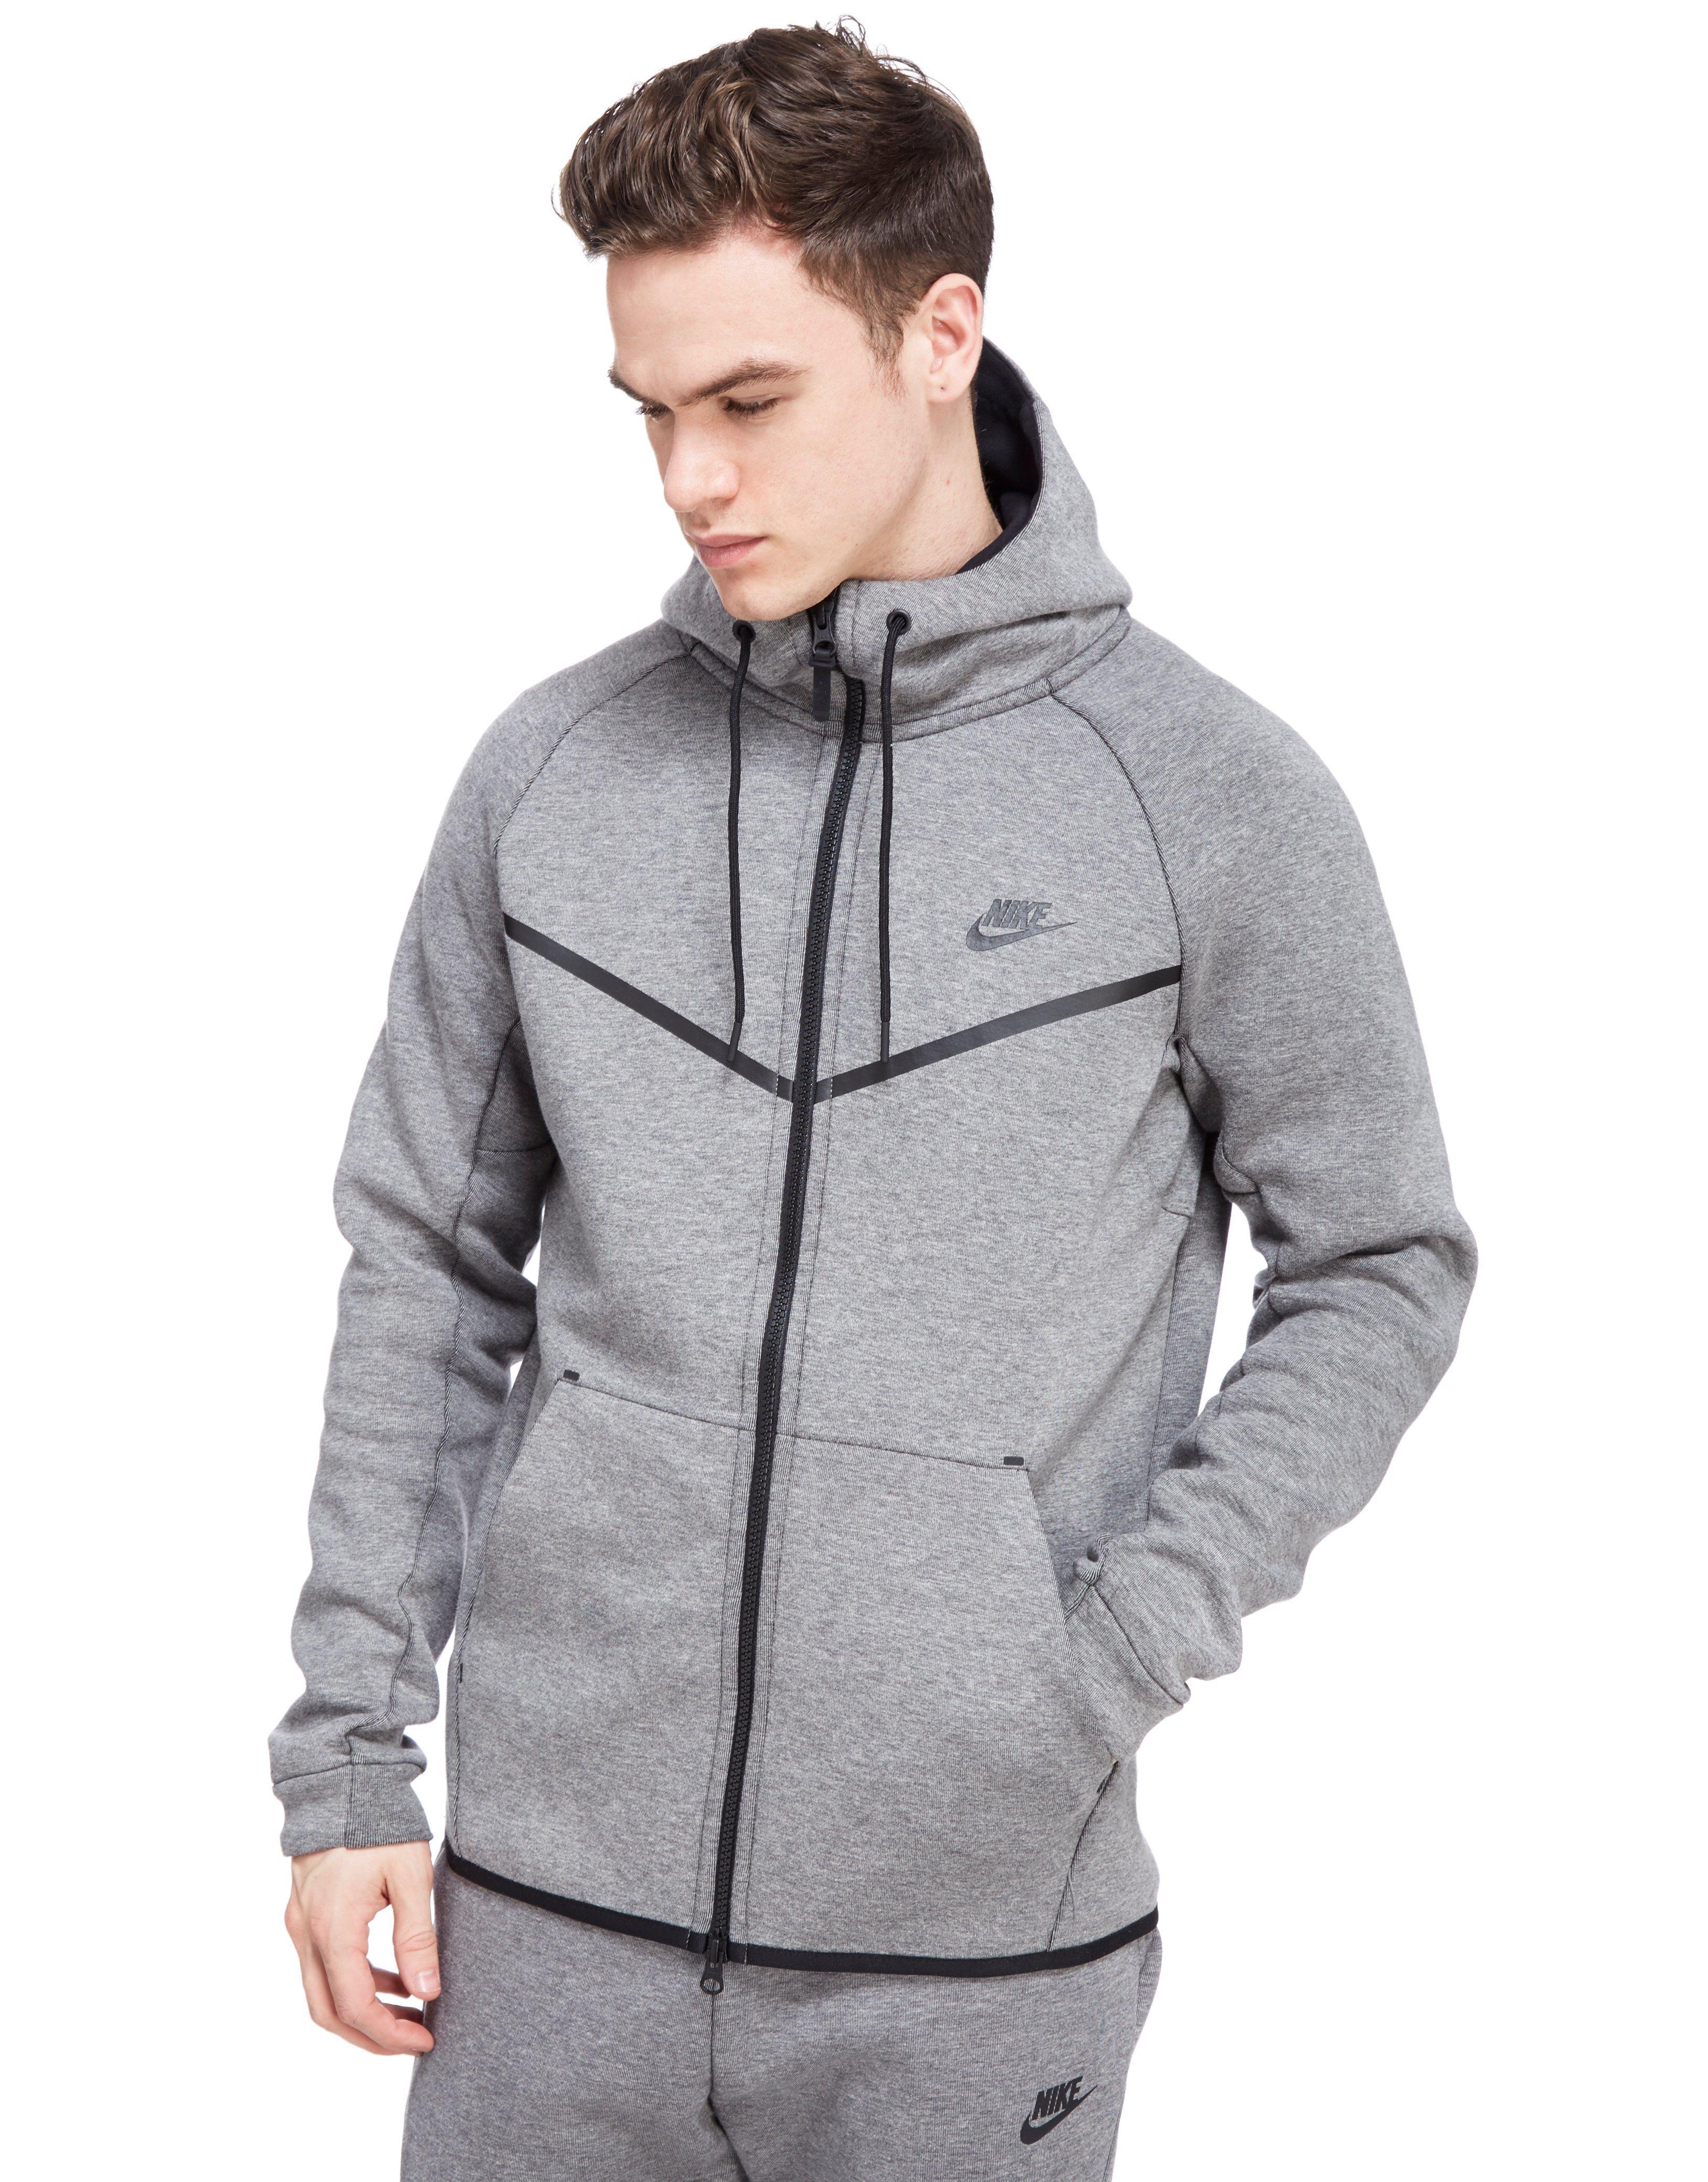 50f2a0a341 Nike Tech Fleece Windrunner Hoody in Gray for Men - Lyst